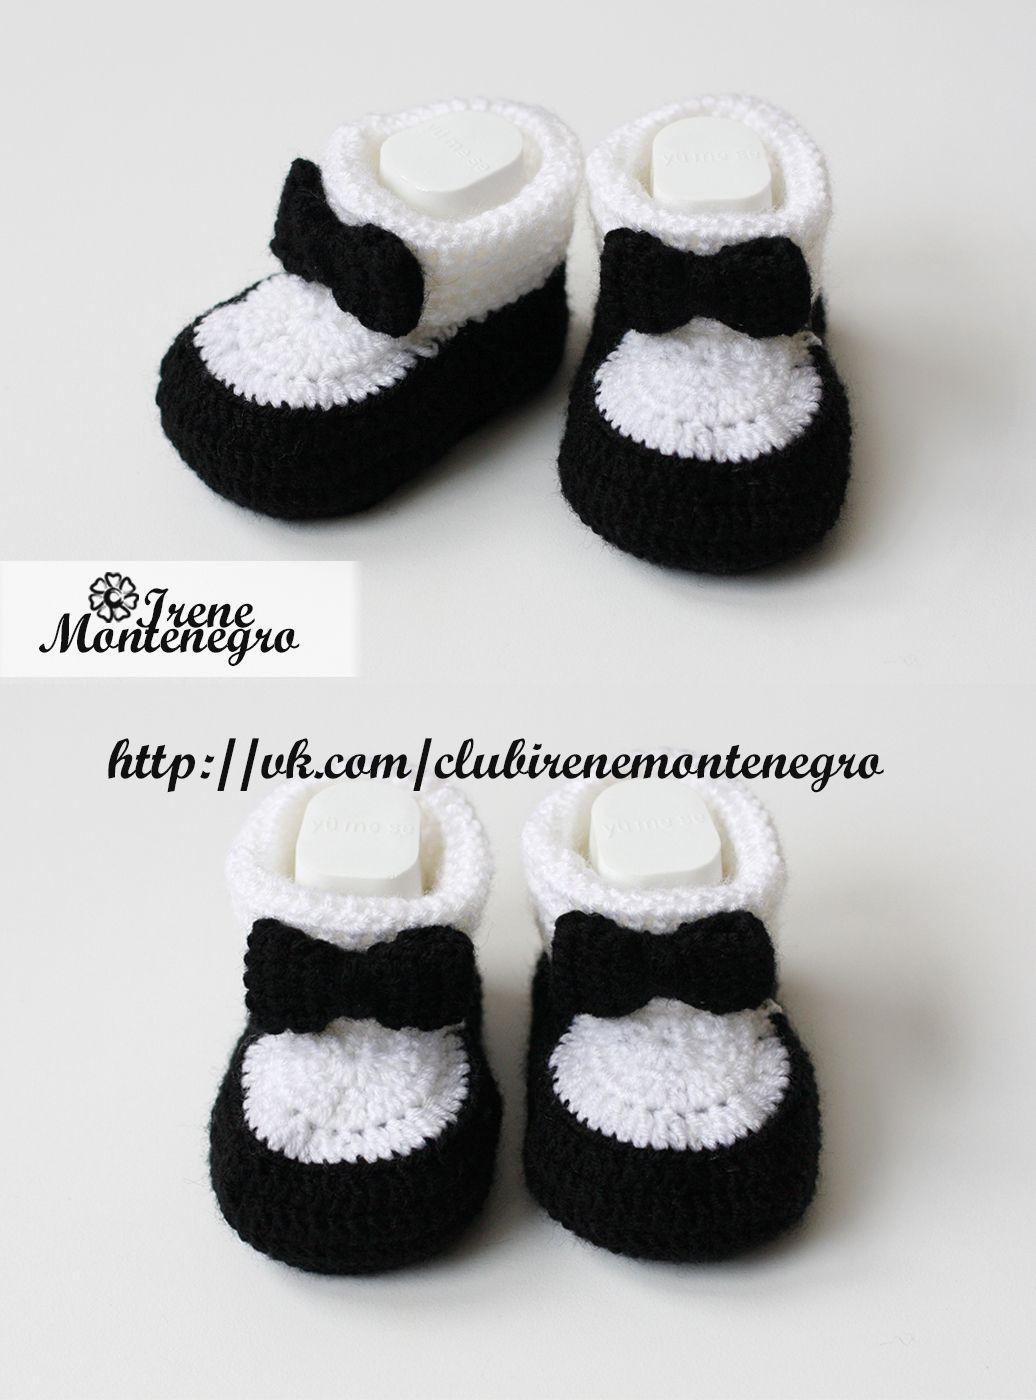 45aca2051 crochet baby booties , baby shoes , пинетки для мальчика , крохотные ножки  , пинетки крючком , черно-белый